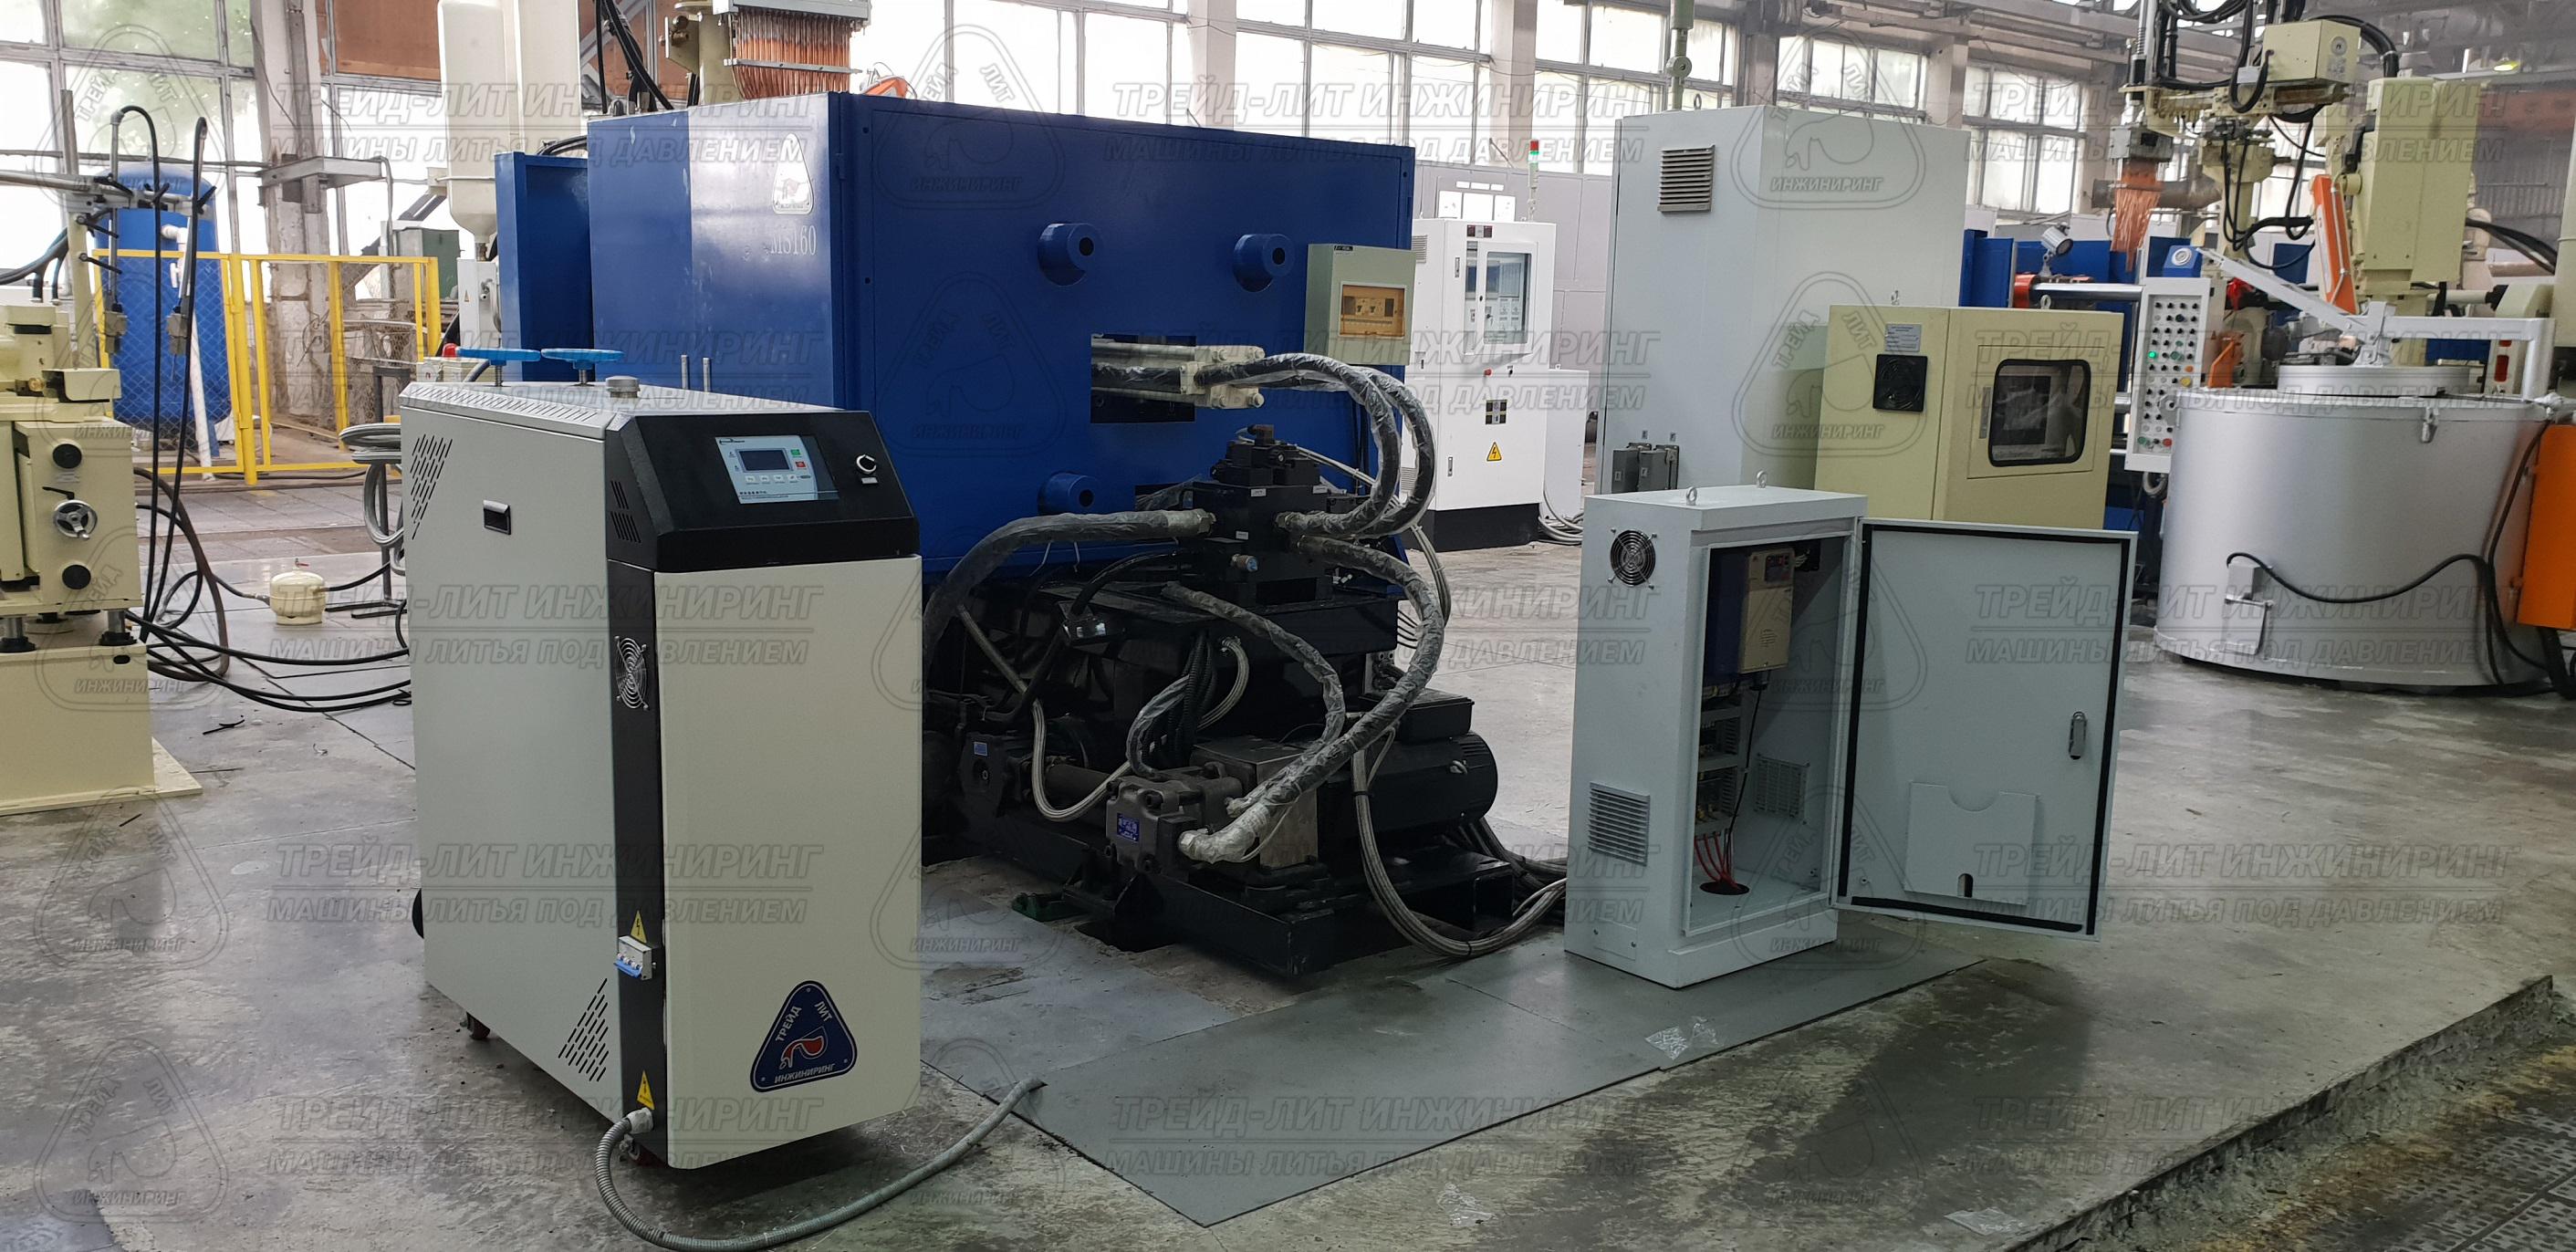 Термостат у машины литья под давлением MS160, в процессе монтажа